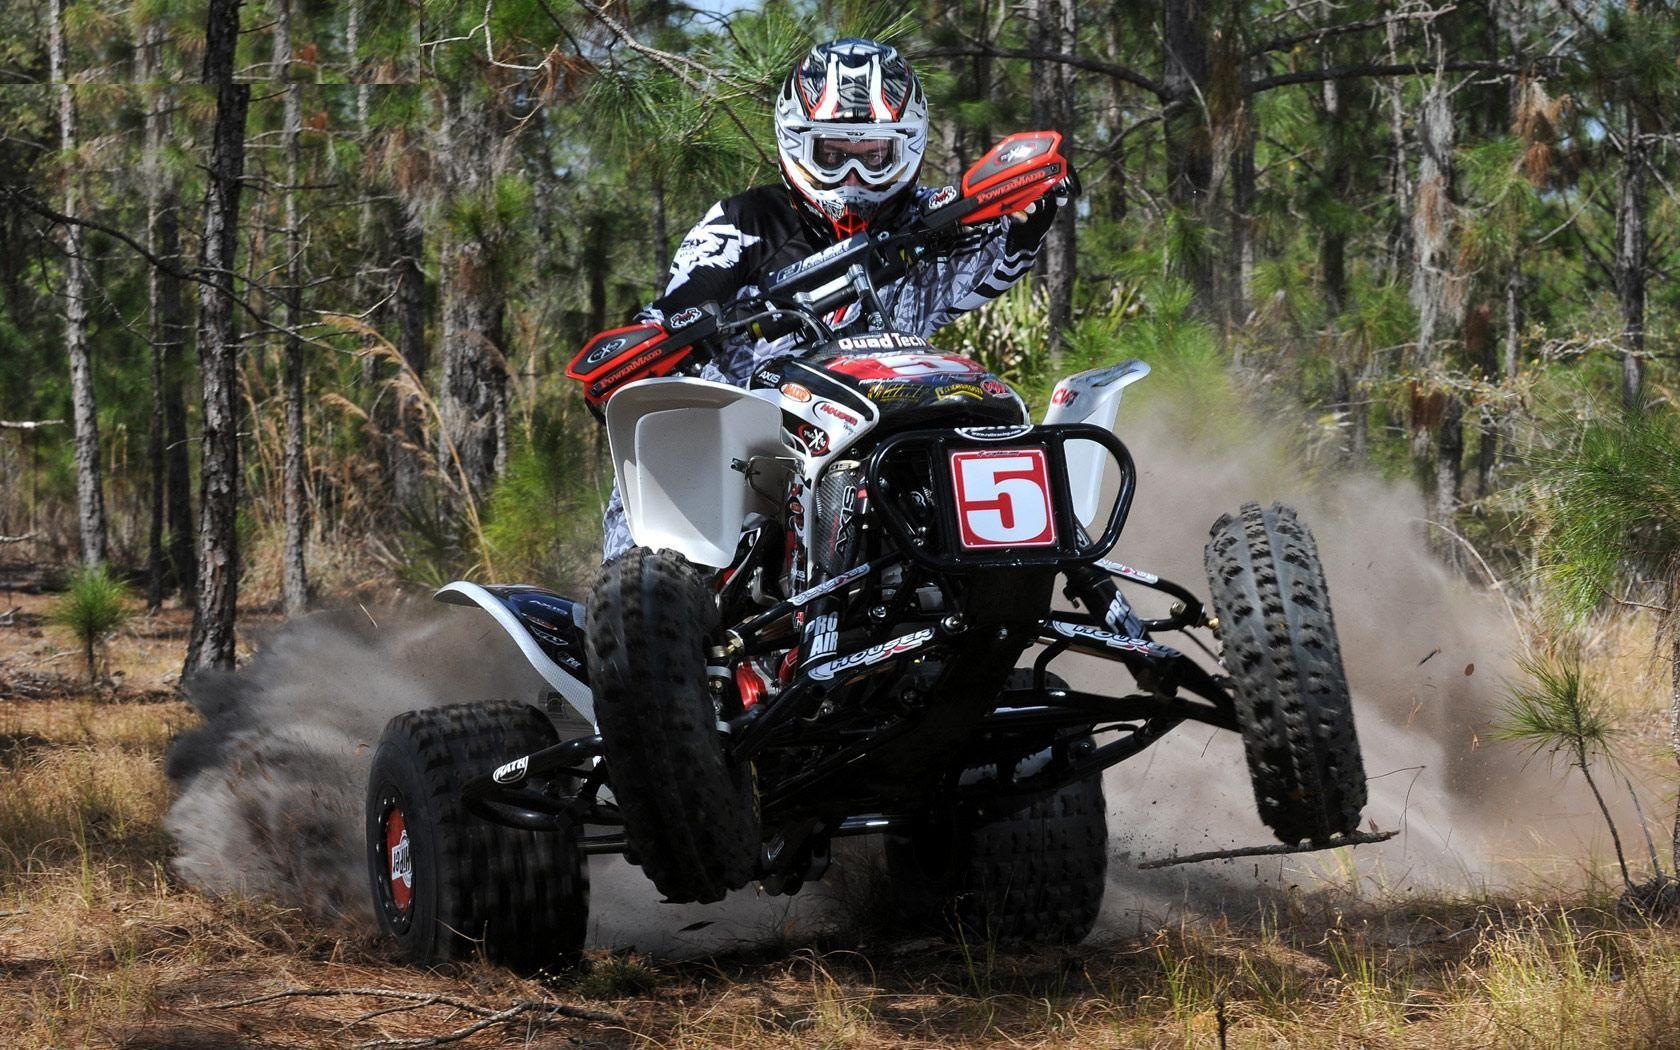 Honda Atv Wallpapers Atv Motocross Atv Quads 4 Wheeler